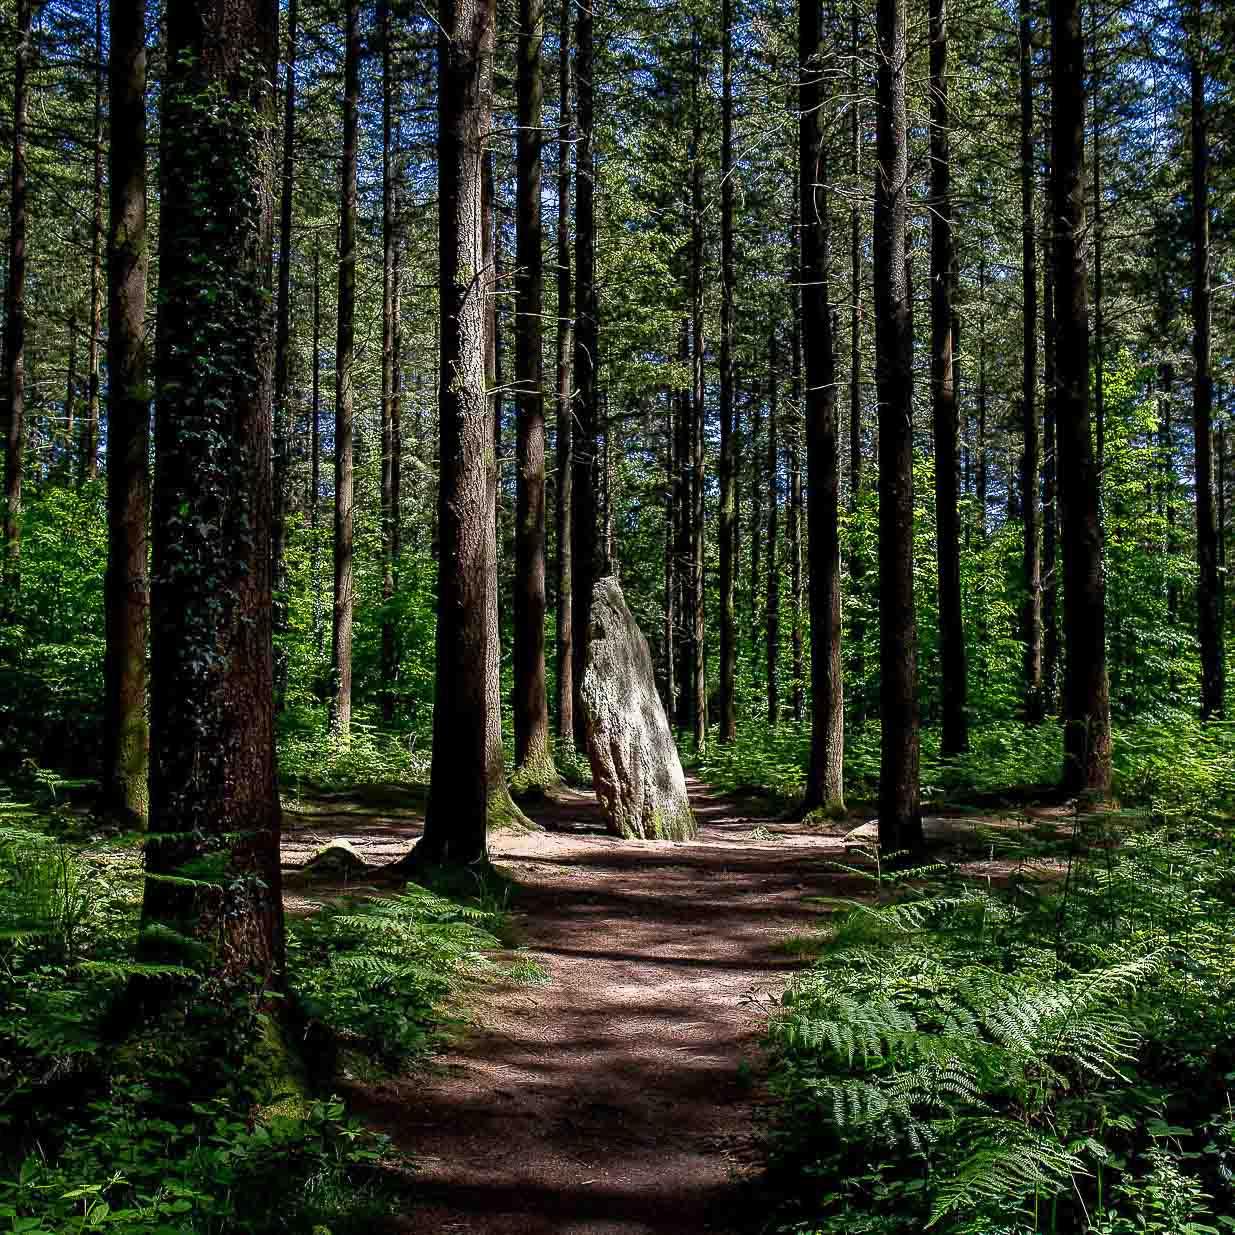 menhirs-etoile-camors-landes-de-lavaux-megalithes